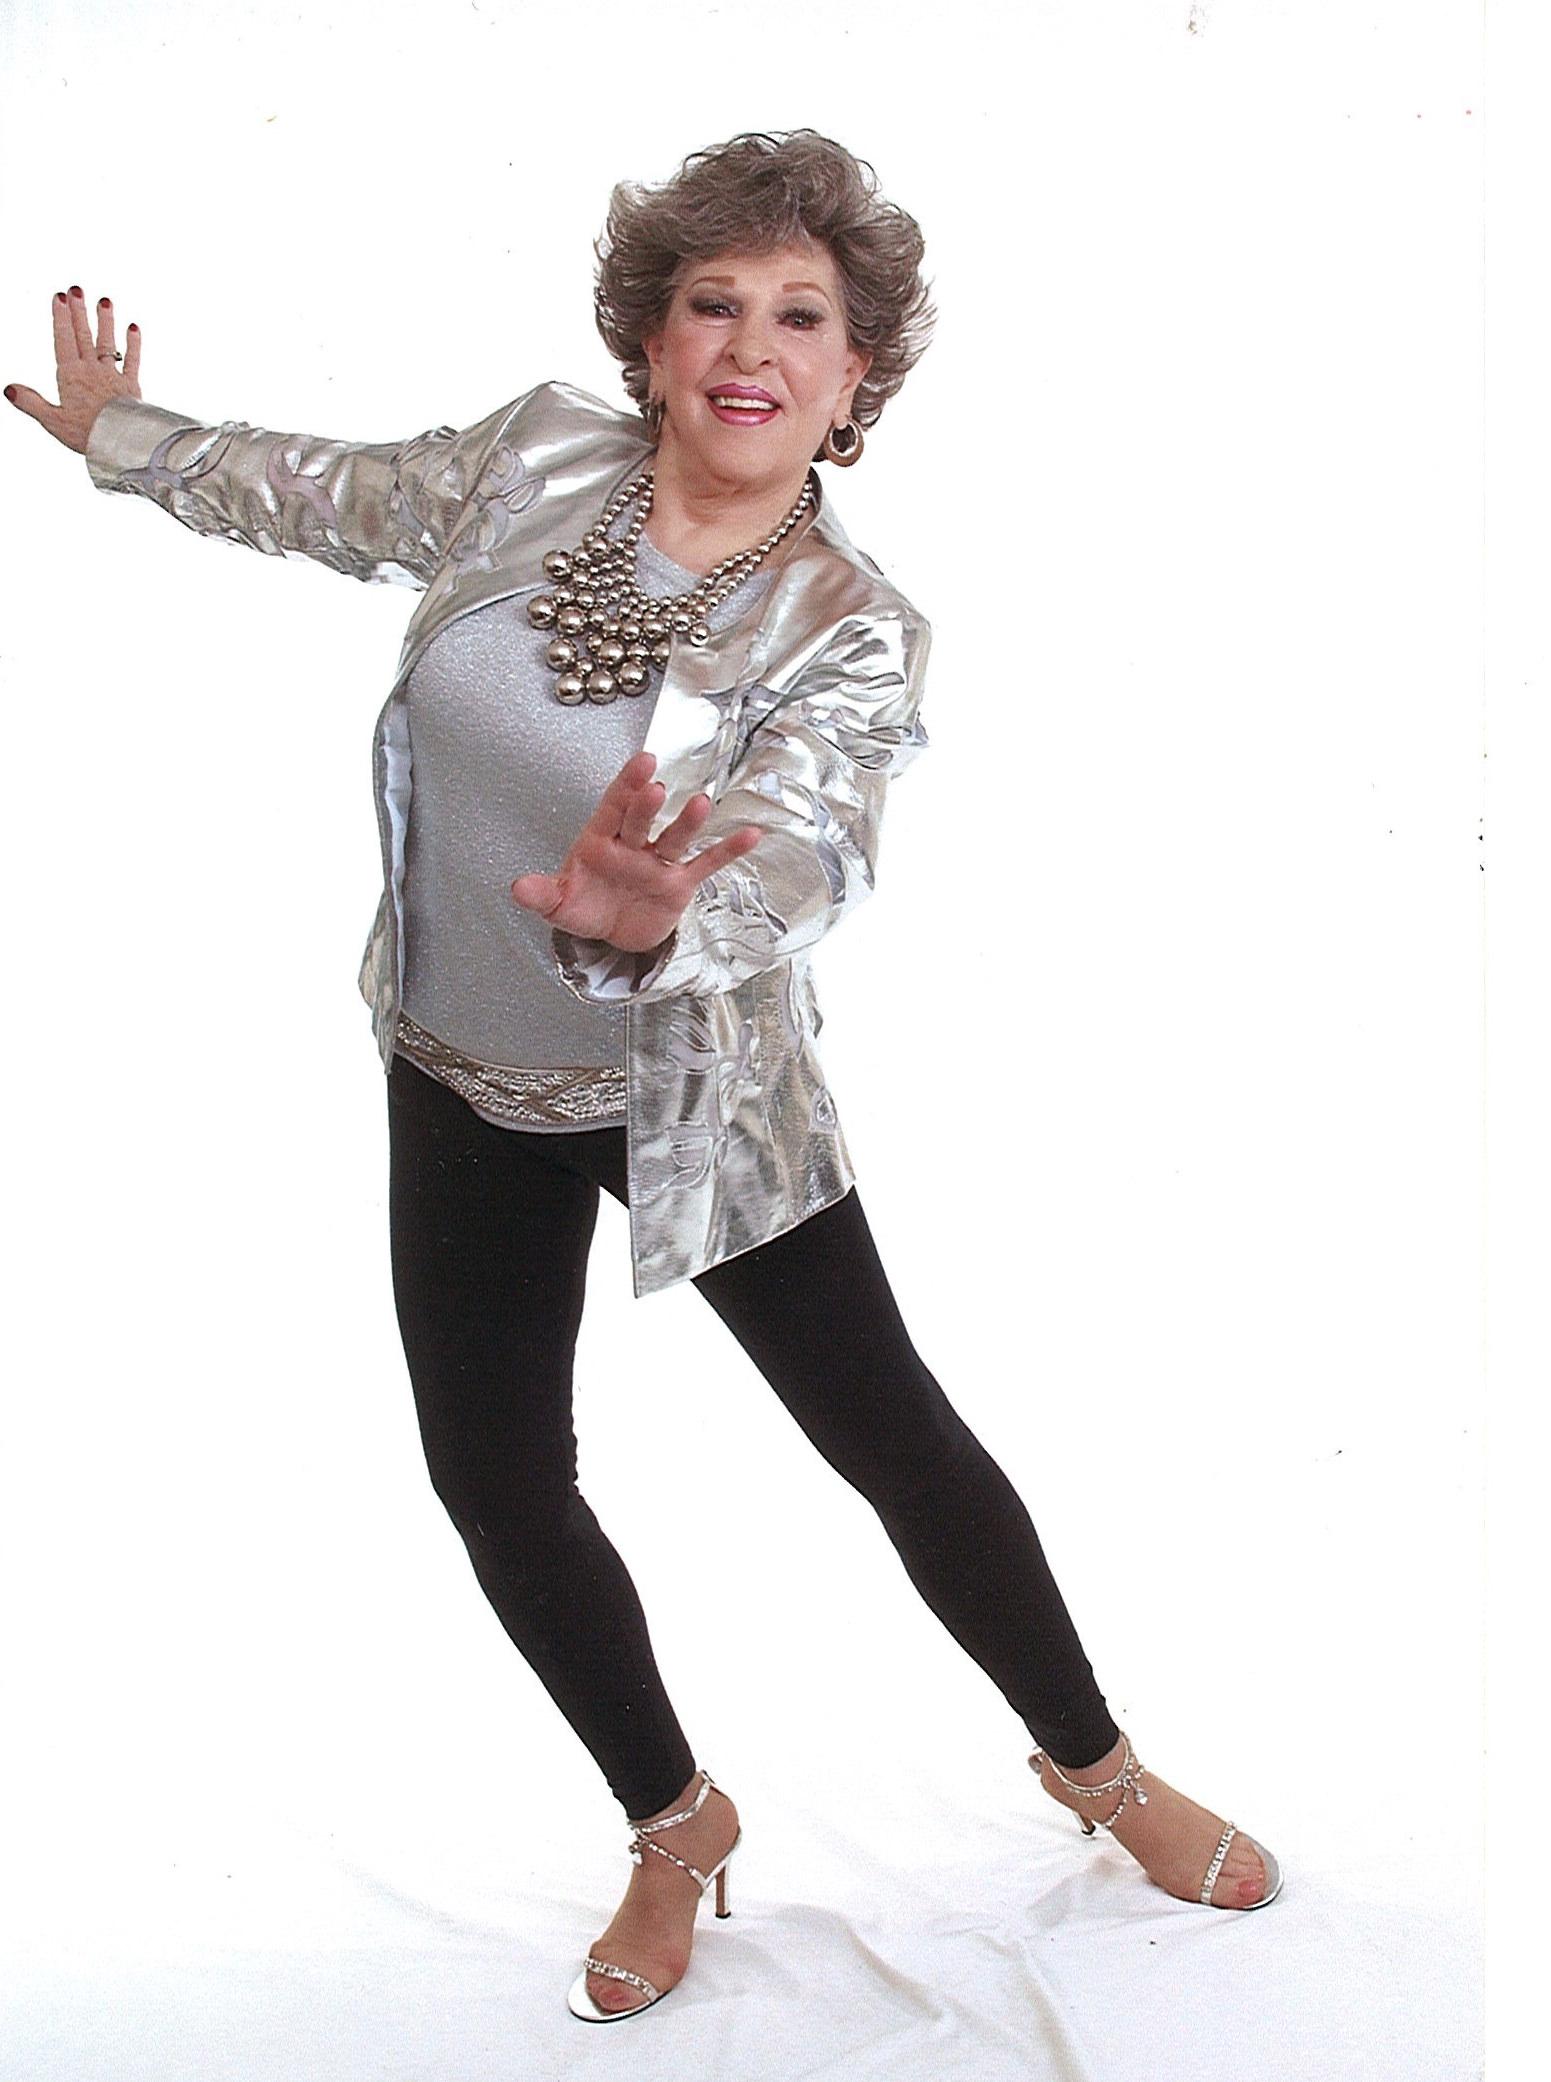 Wynda Howerton dancing now